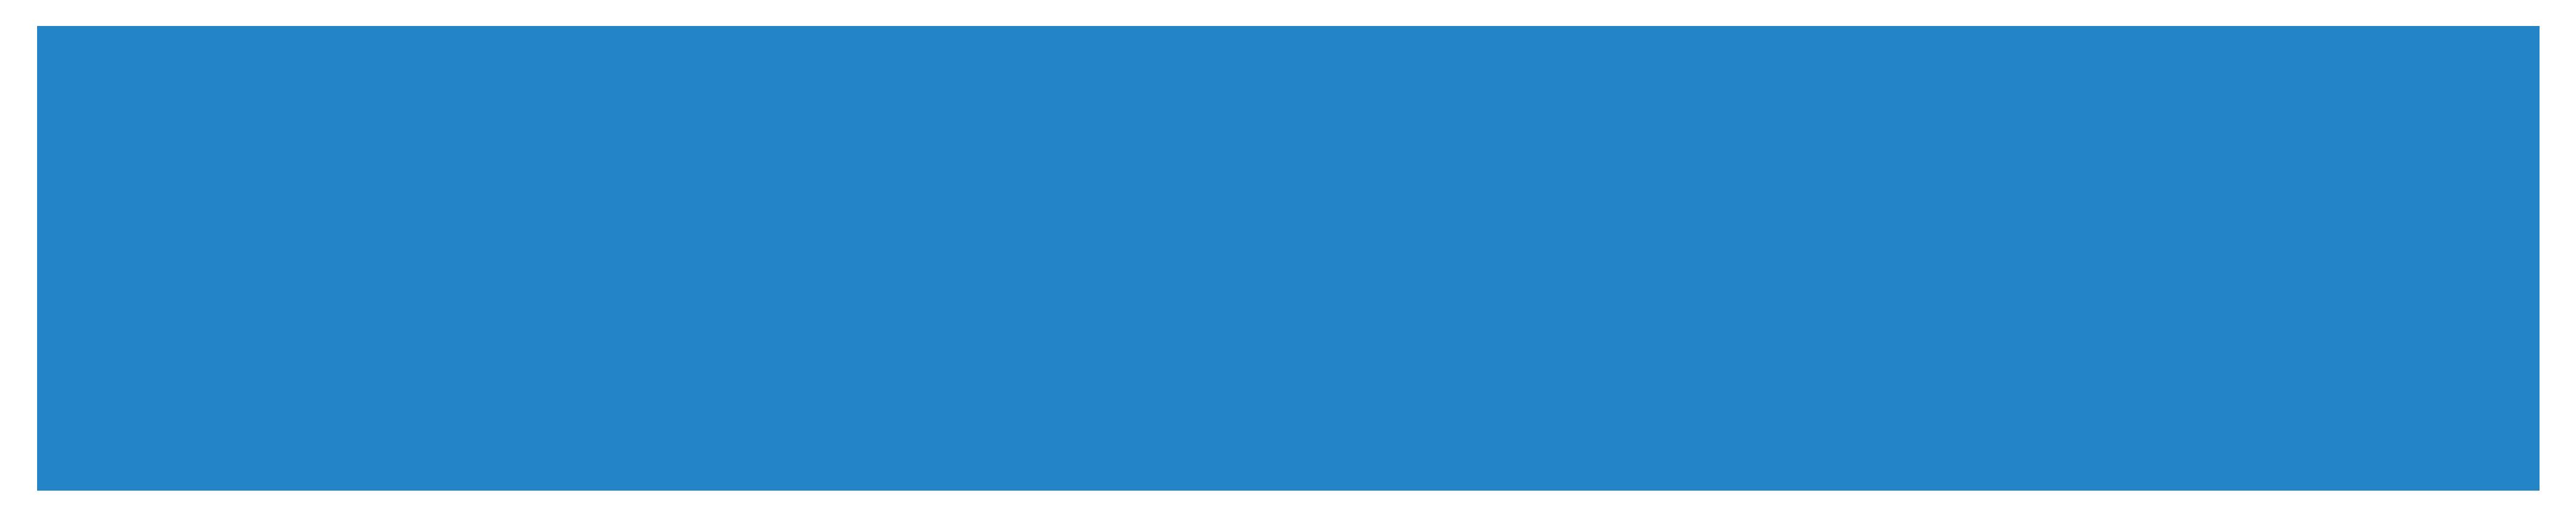 ProductLoop